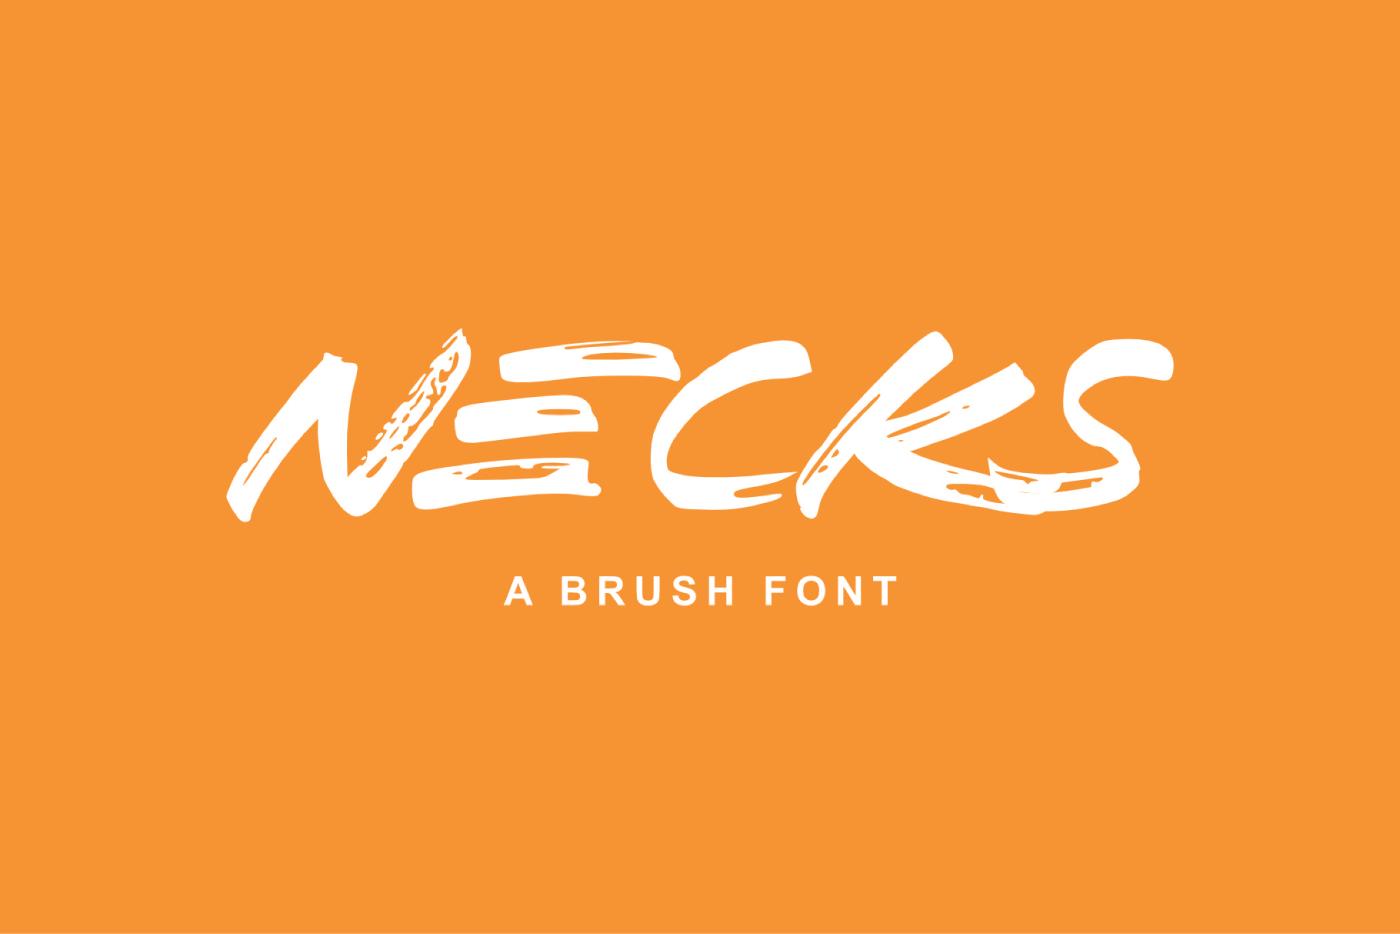 NECKS Free Font - script